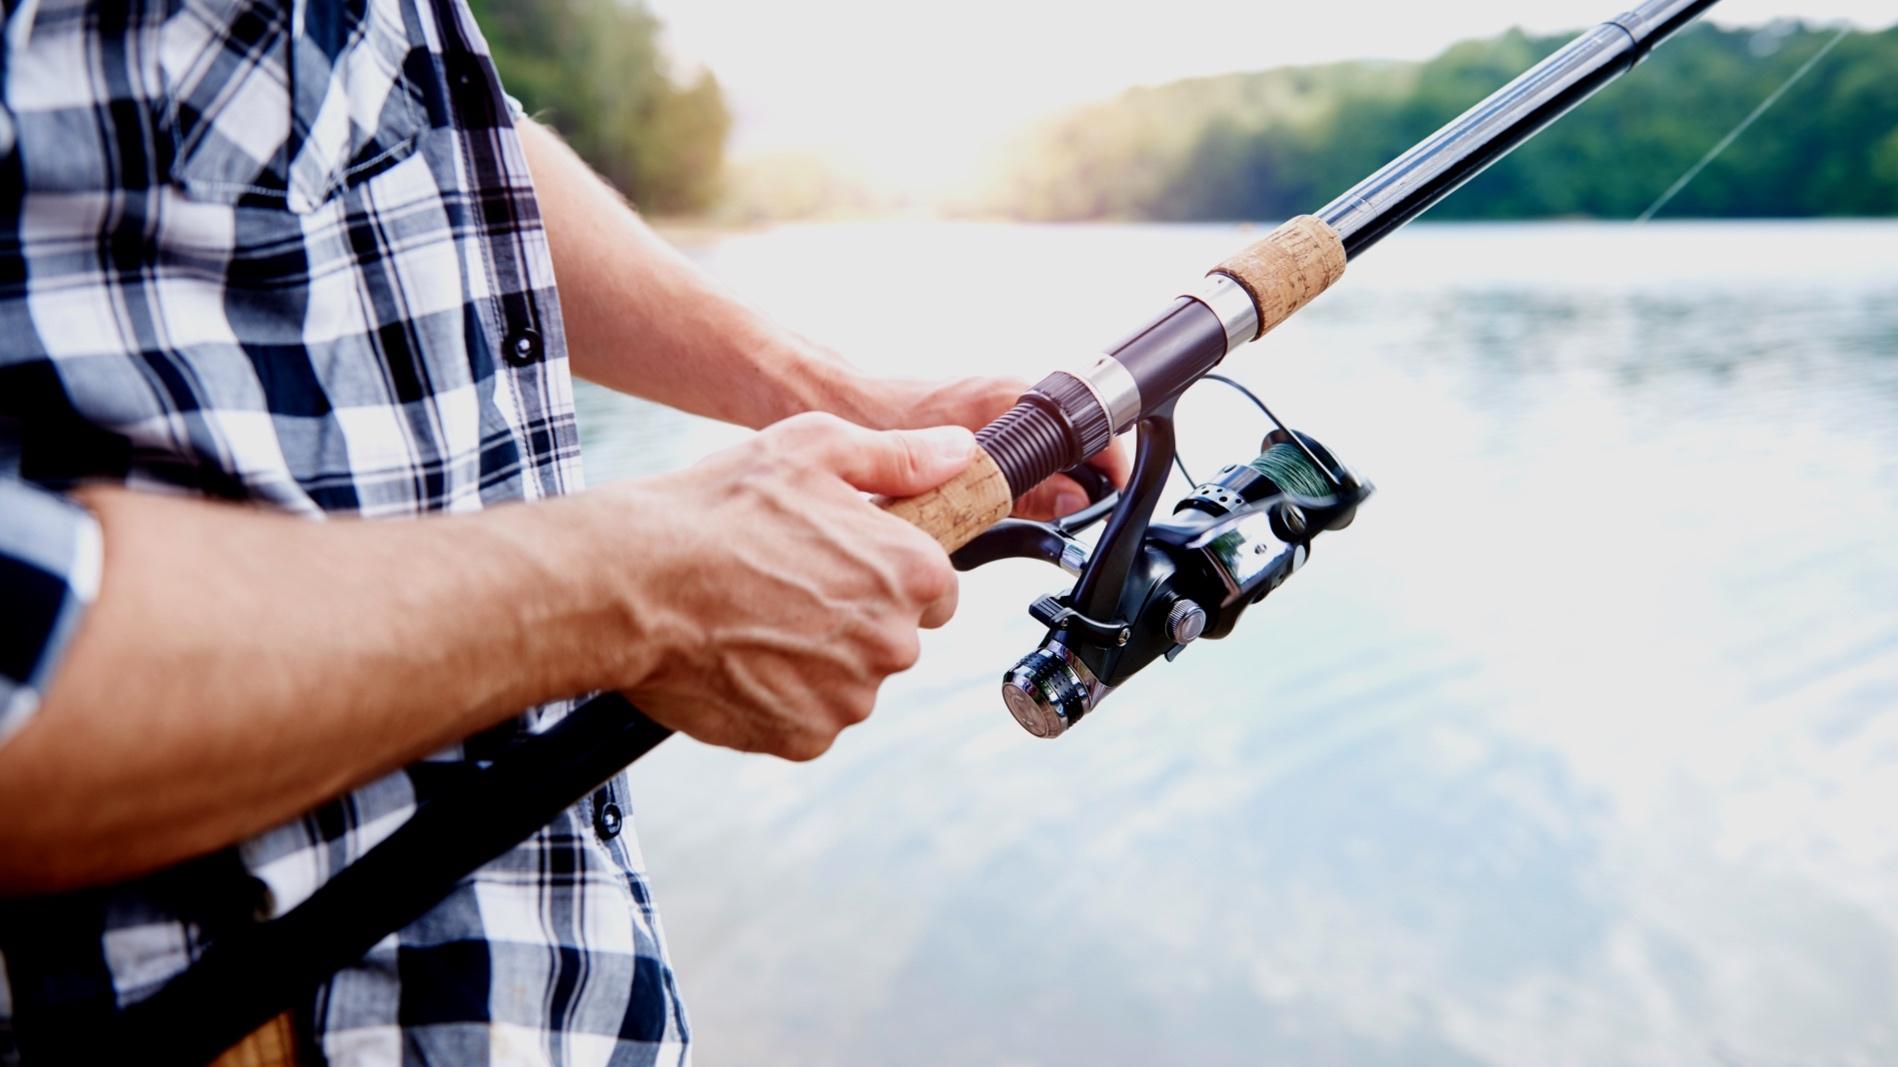 Tarjoamme kahta erilaista kalastusretkeä.  LUE LISÄÄ TÄÄLTÄ  ja valitse sinulle sopiva vaihtoehto.